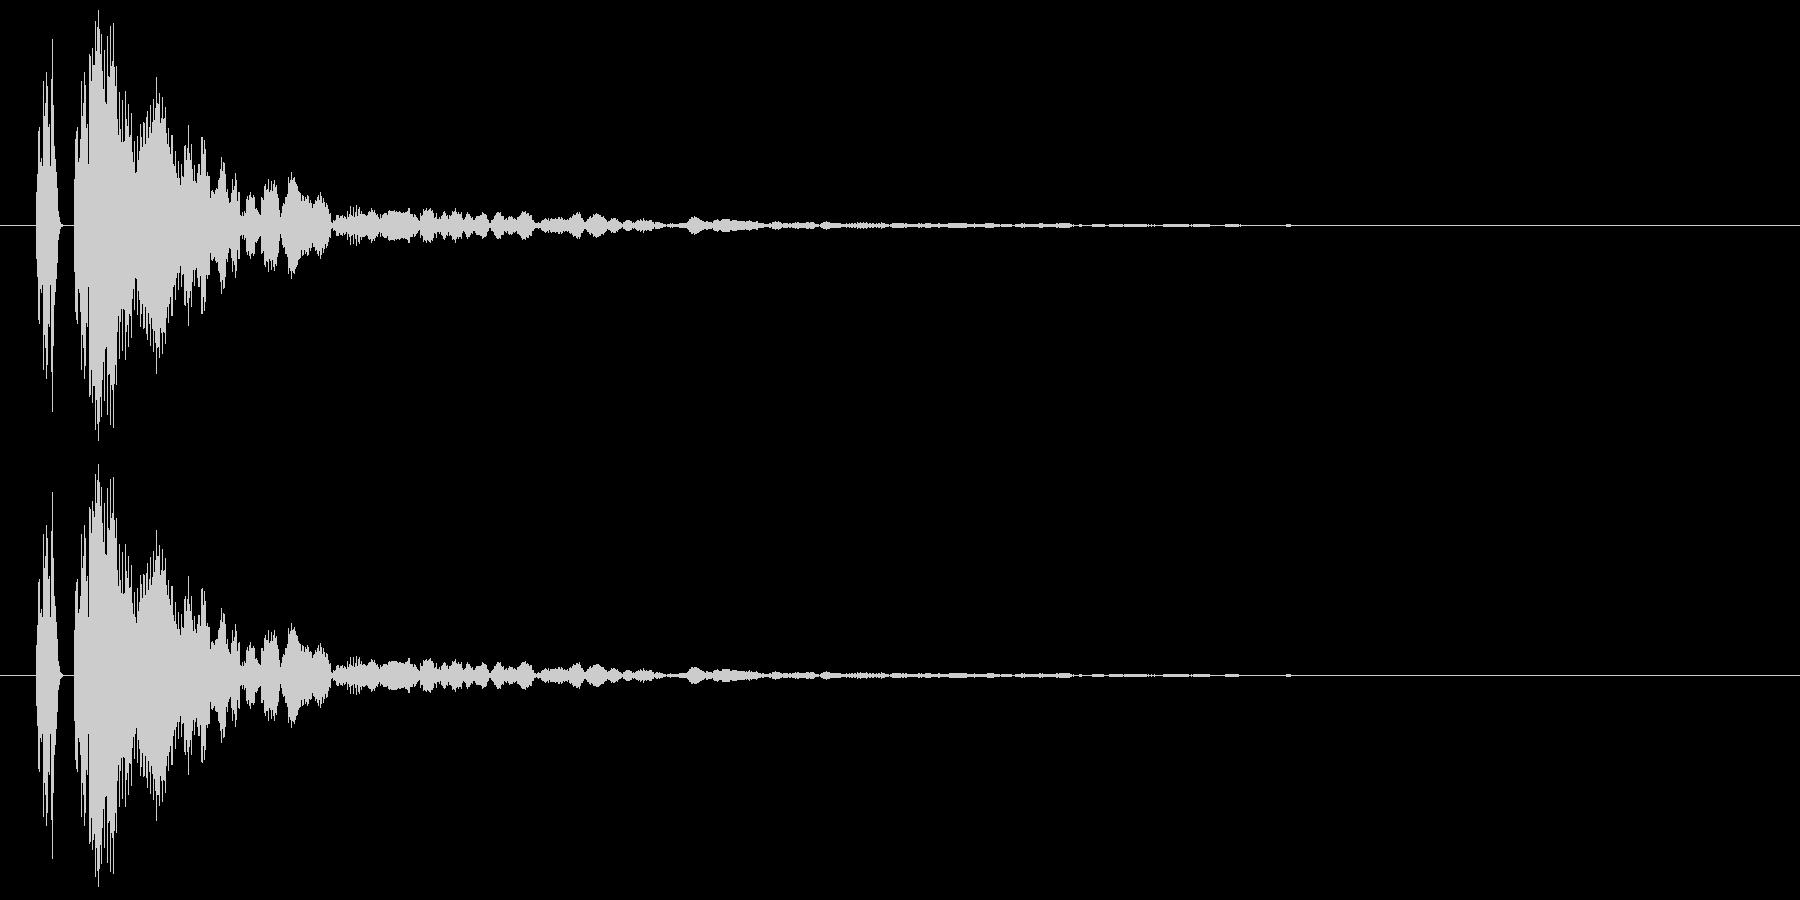 【ポン!】とてもリアルな太鼓の鼓!02の未再生の波形